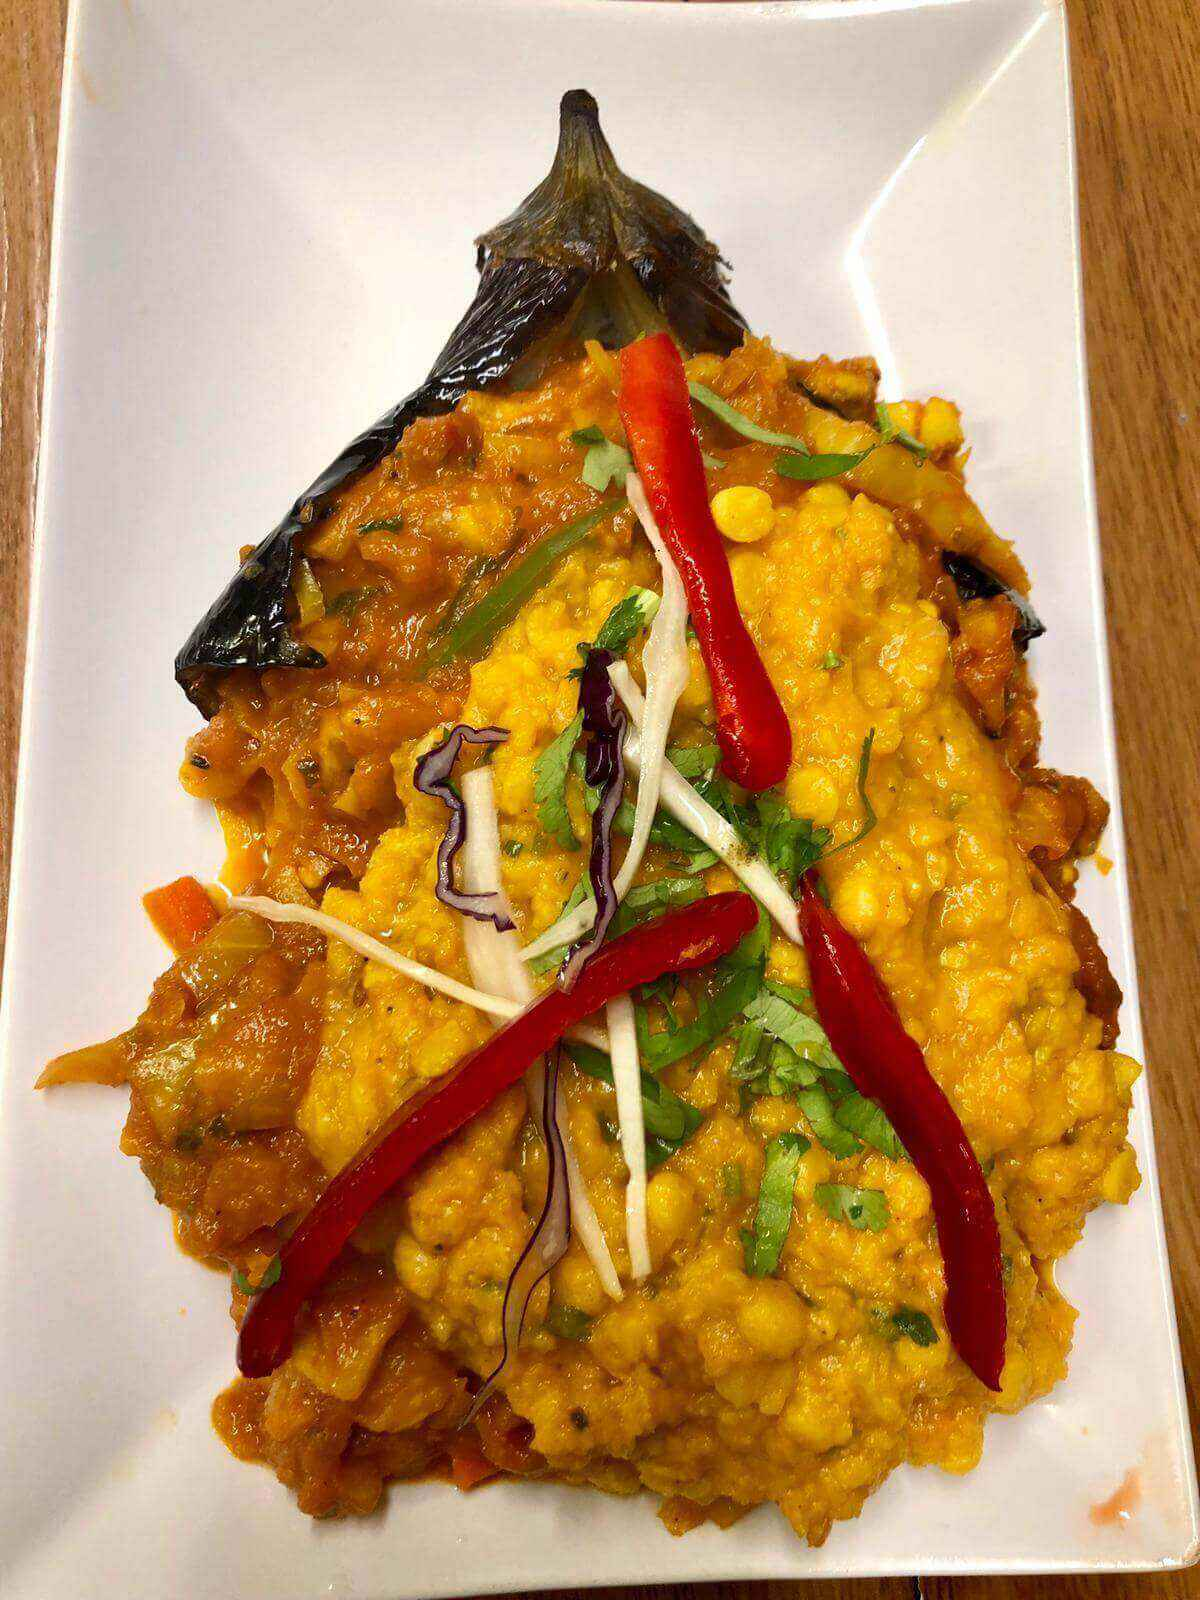 14. Takeaway Indian food khans restaurant battersea sw11